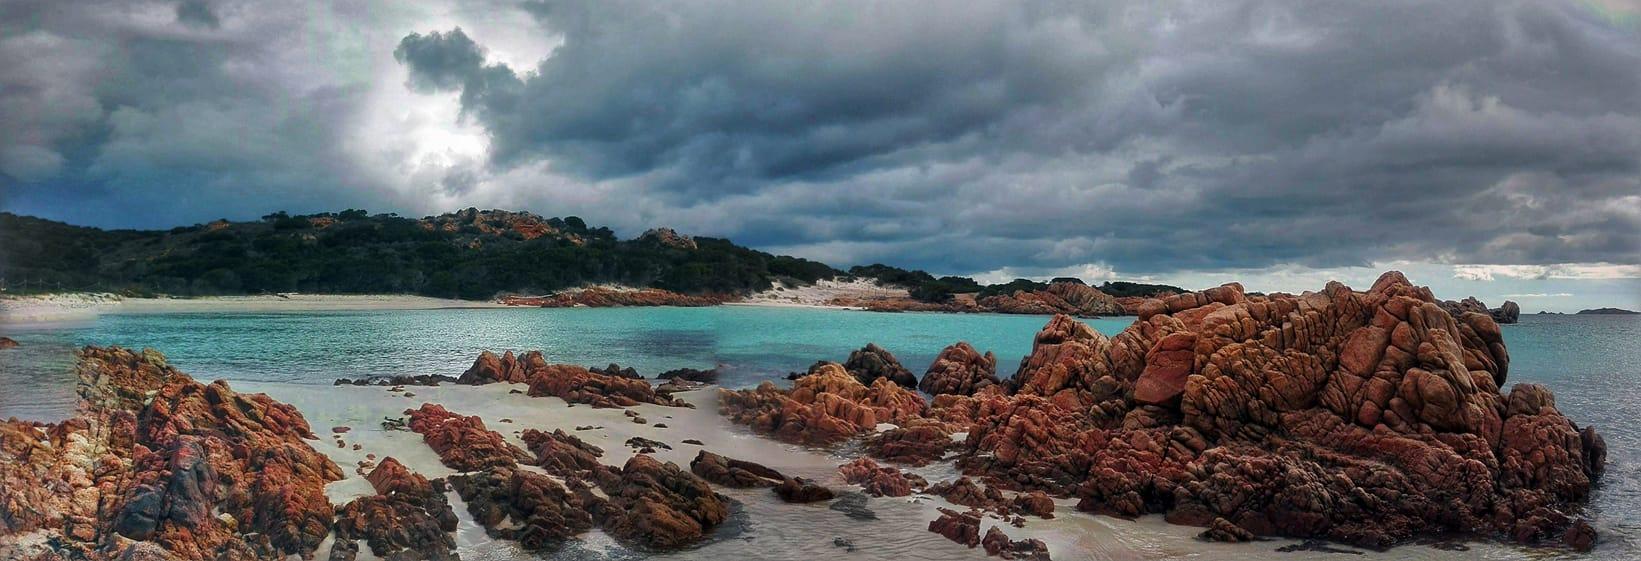 El paisaje de Budelli, la isla de la arena rosa, como se la conoce (Mauro Morandi)